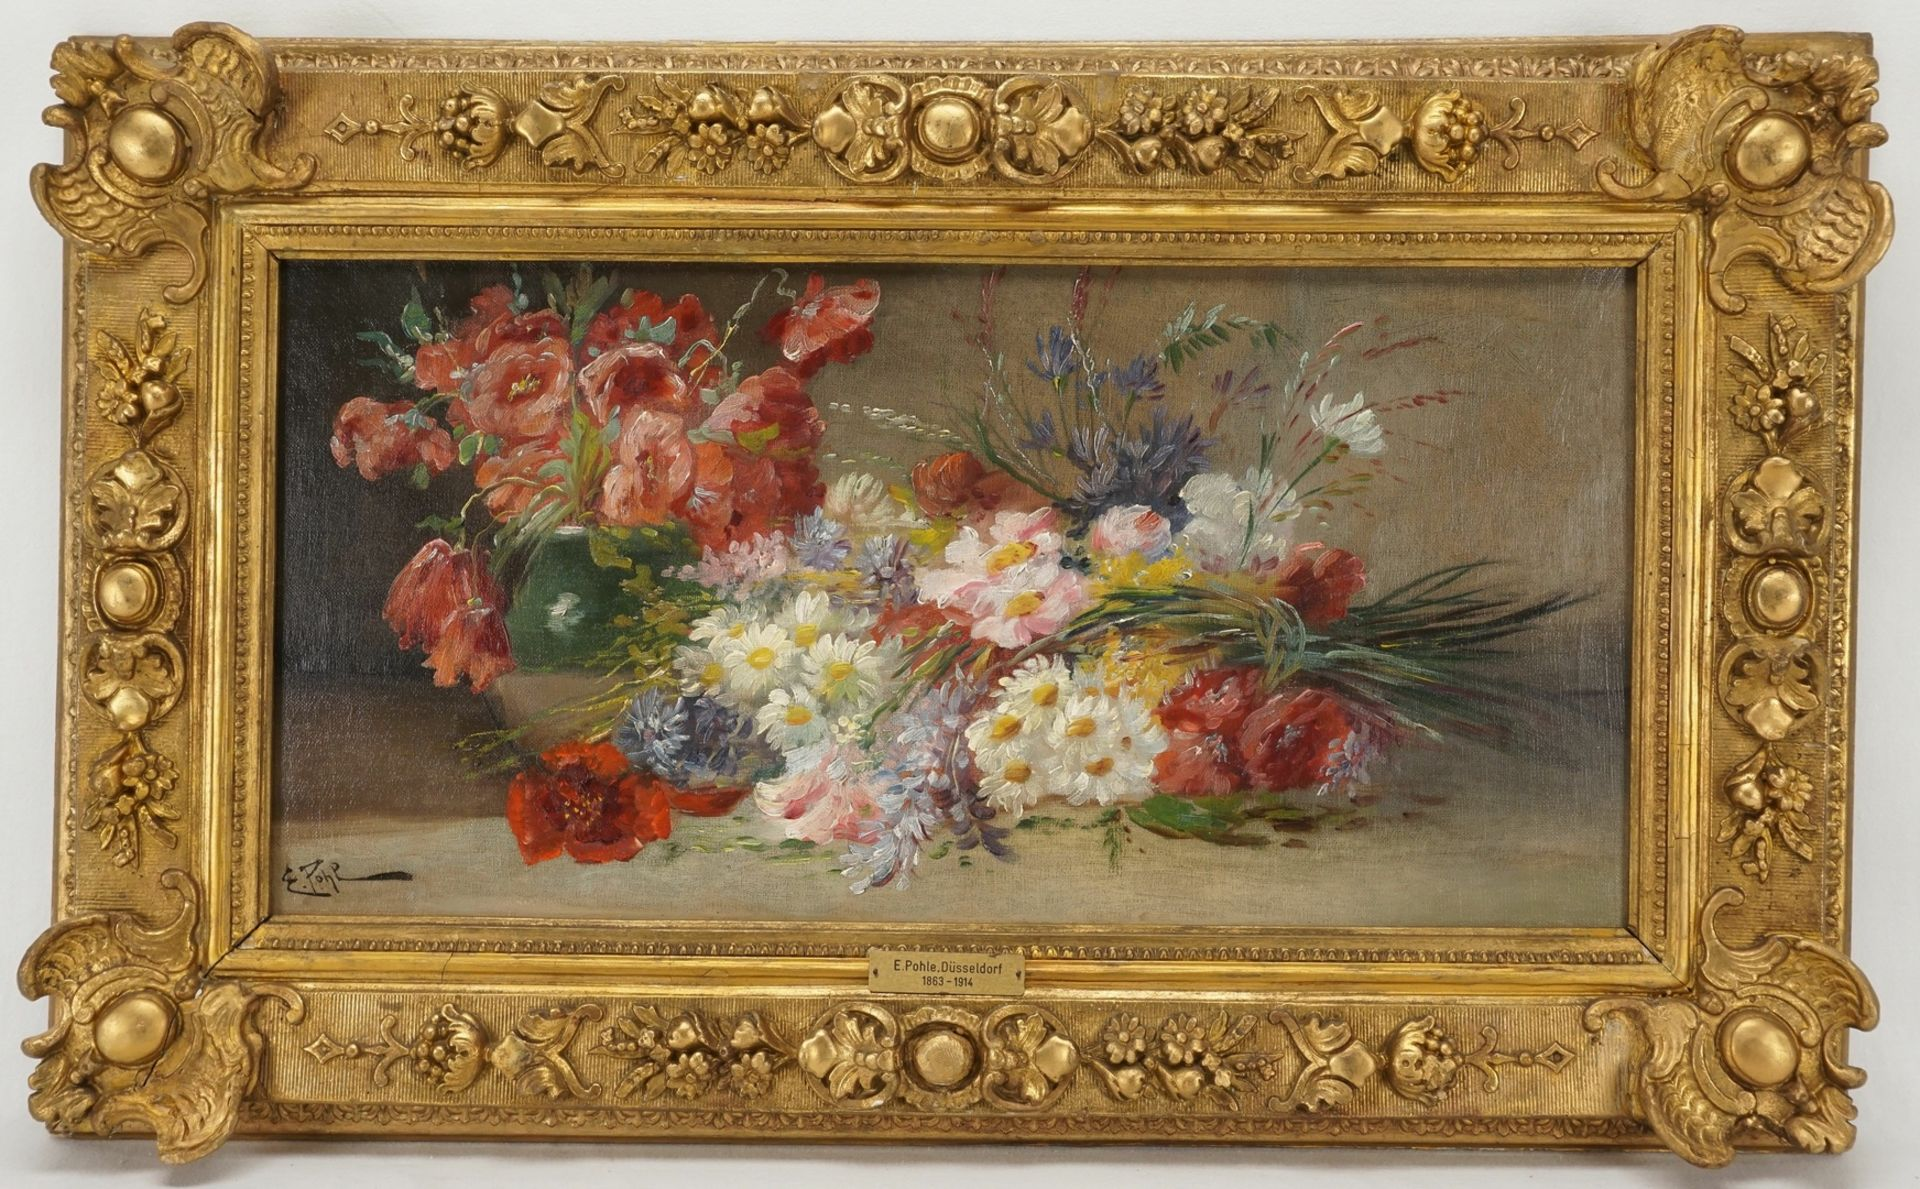 E. Pohl, Reiches Blumenstillleben mit Feldblumen und Klatschmohn